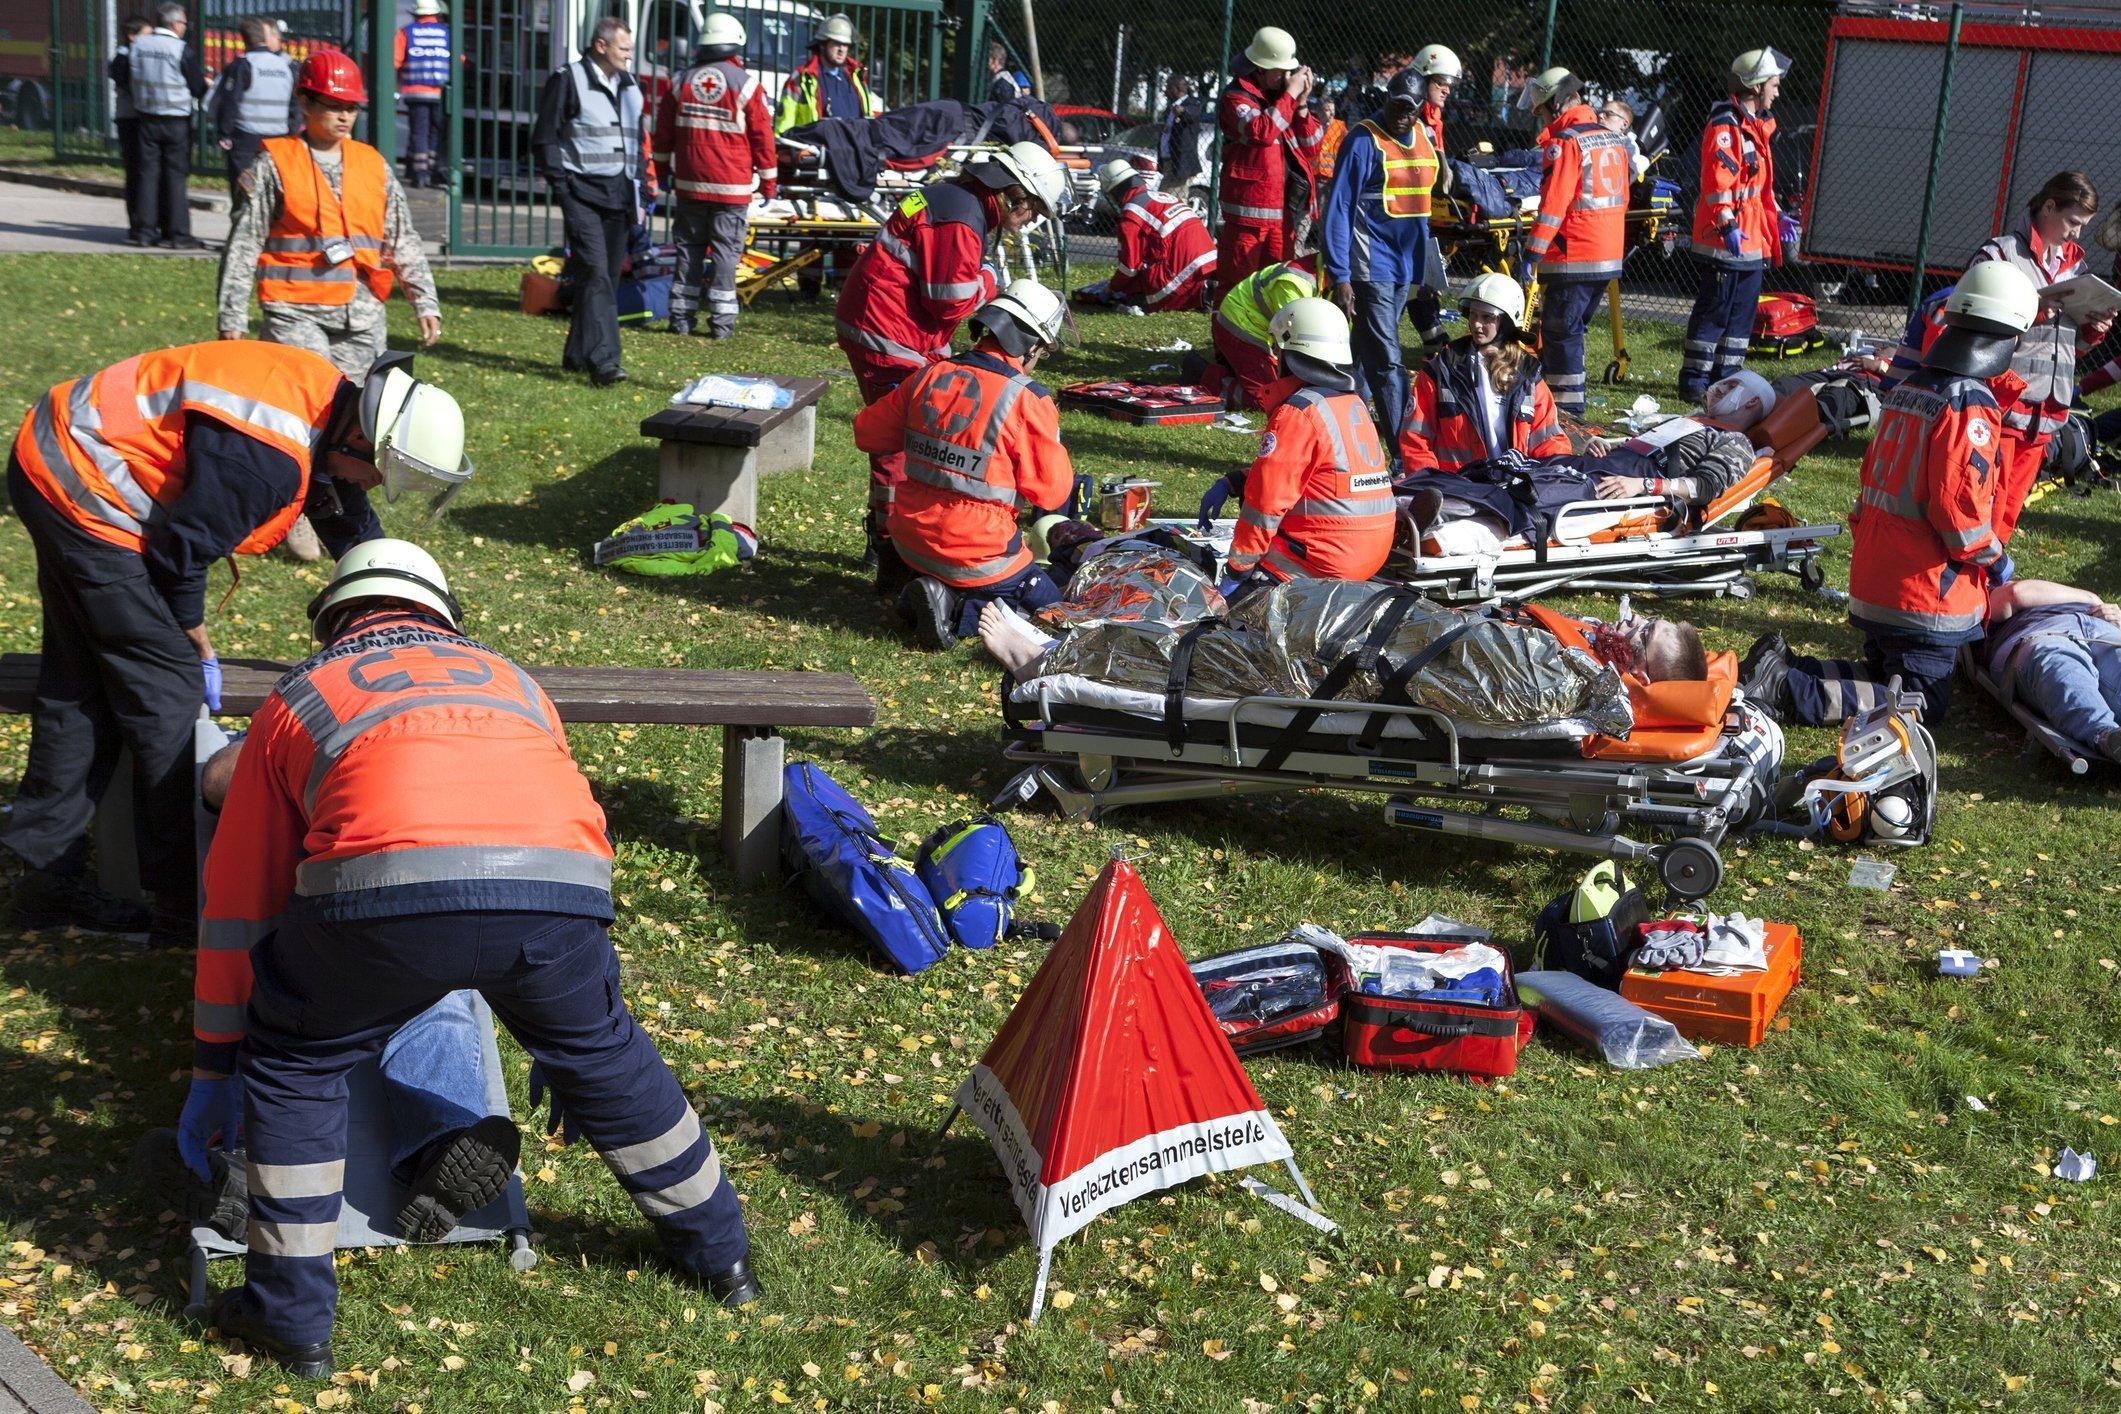 Hilfskräfte versorgen bei einer Übung der deutschen und US-amerikanischen Katastrophenhilfe Schauspieler, die als Verletzte zu einer Sammelstelle gebracht werden.